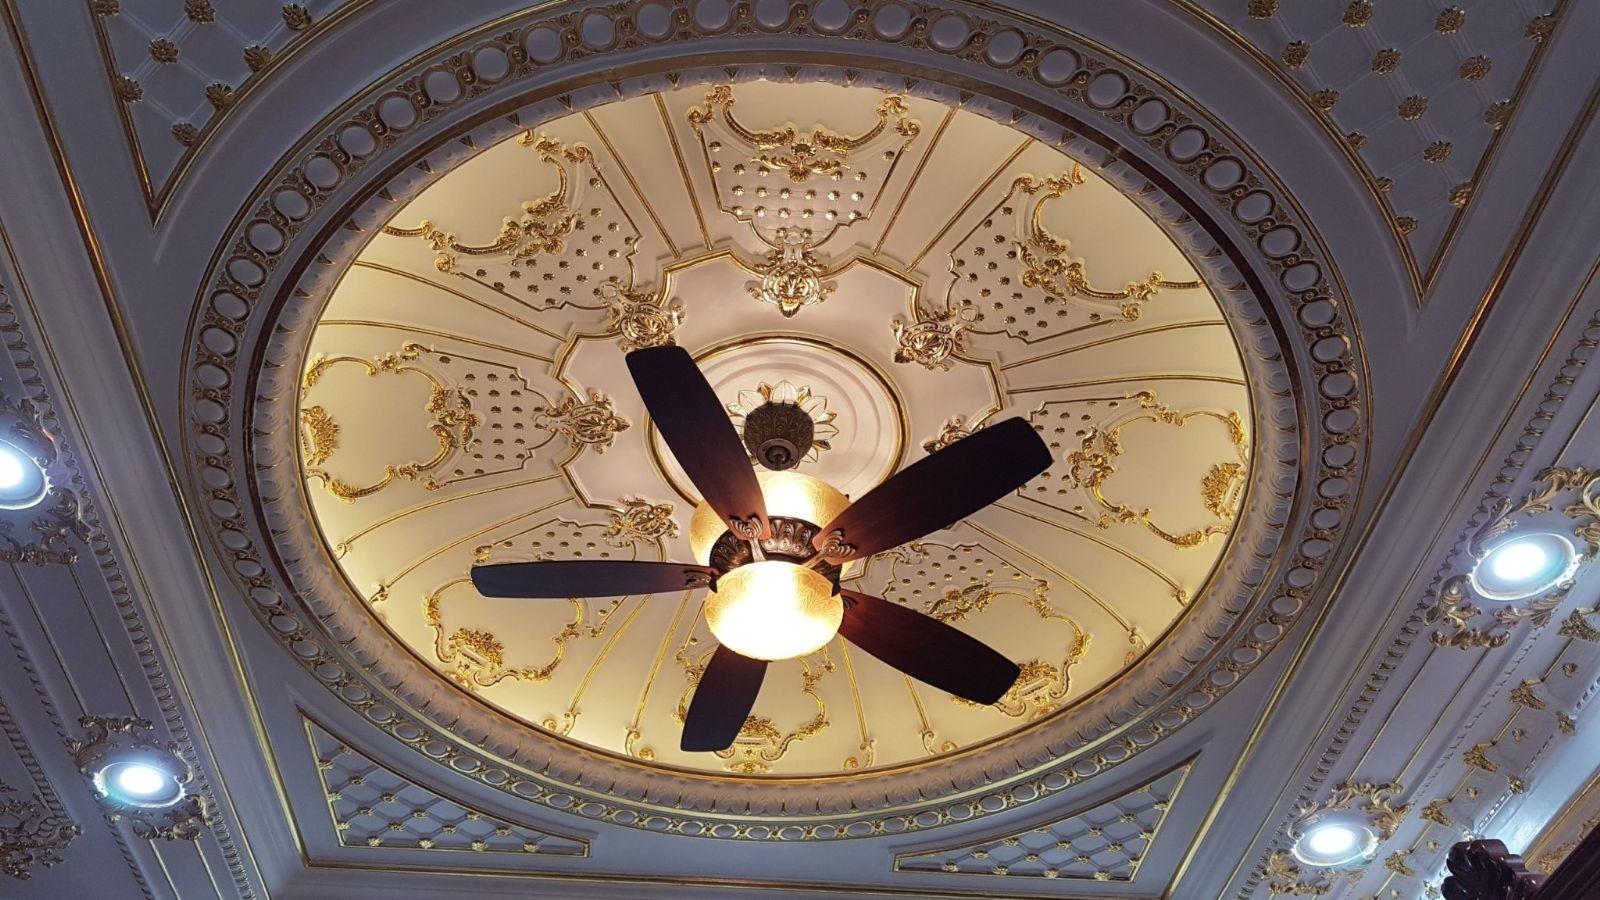 Quạt trần đèn là sản phẩm đa chức năng, vừa có tác dụng làm mát vừa chiếu sáng cho không gian căn phòng